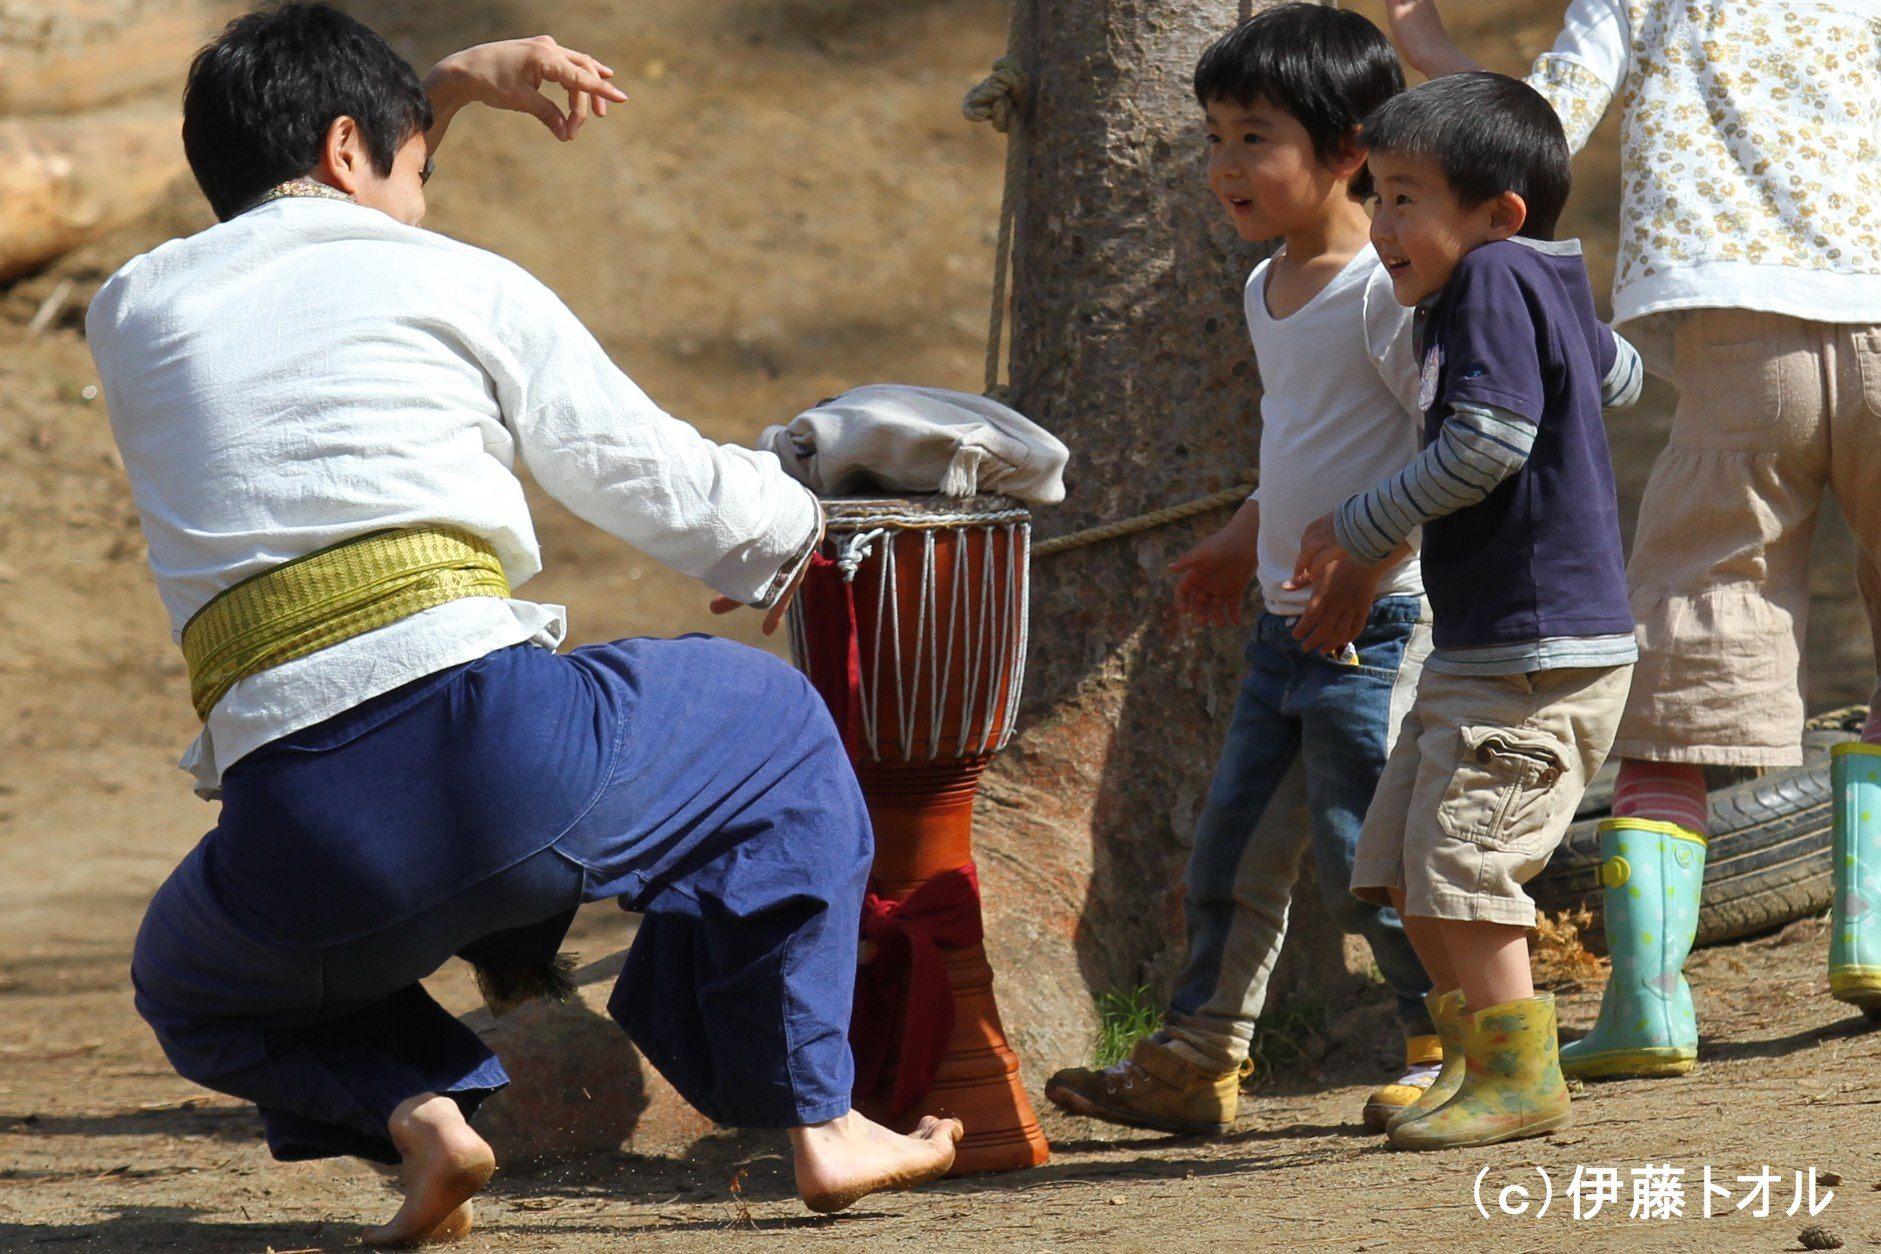 ダンスを通じて子どもの元気を取り戻すサポートをしたい